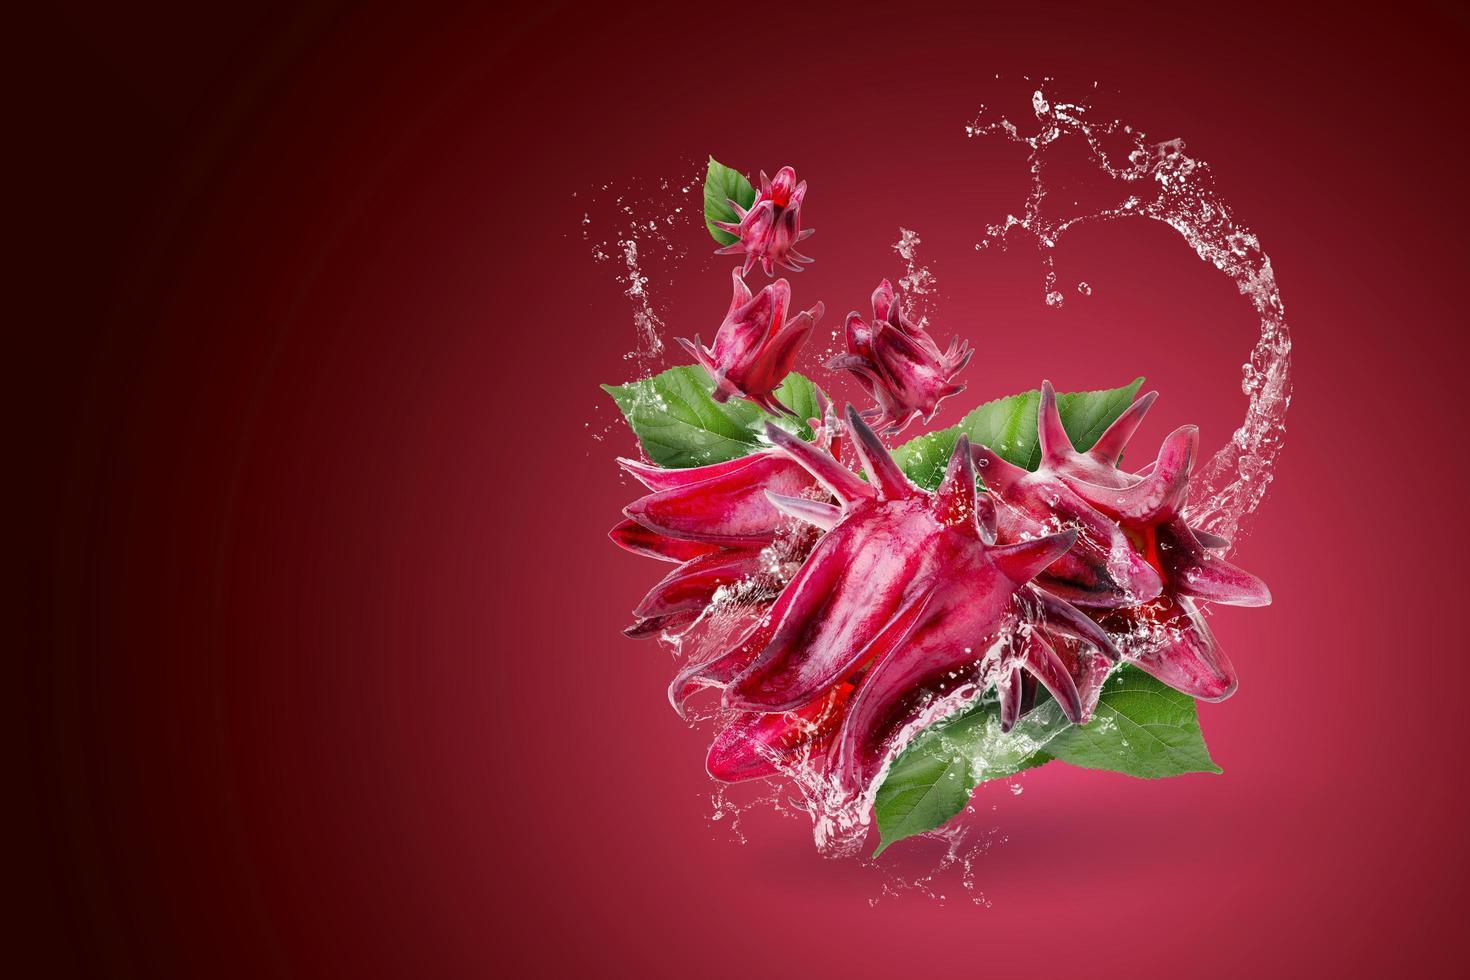 Water splashing on roselle hibiscus  photo